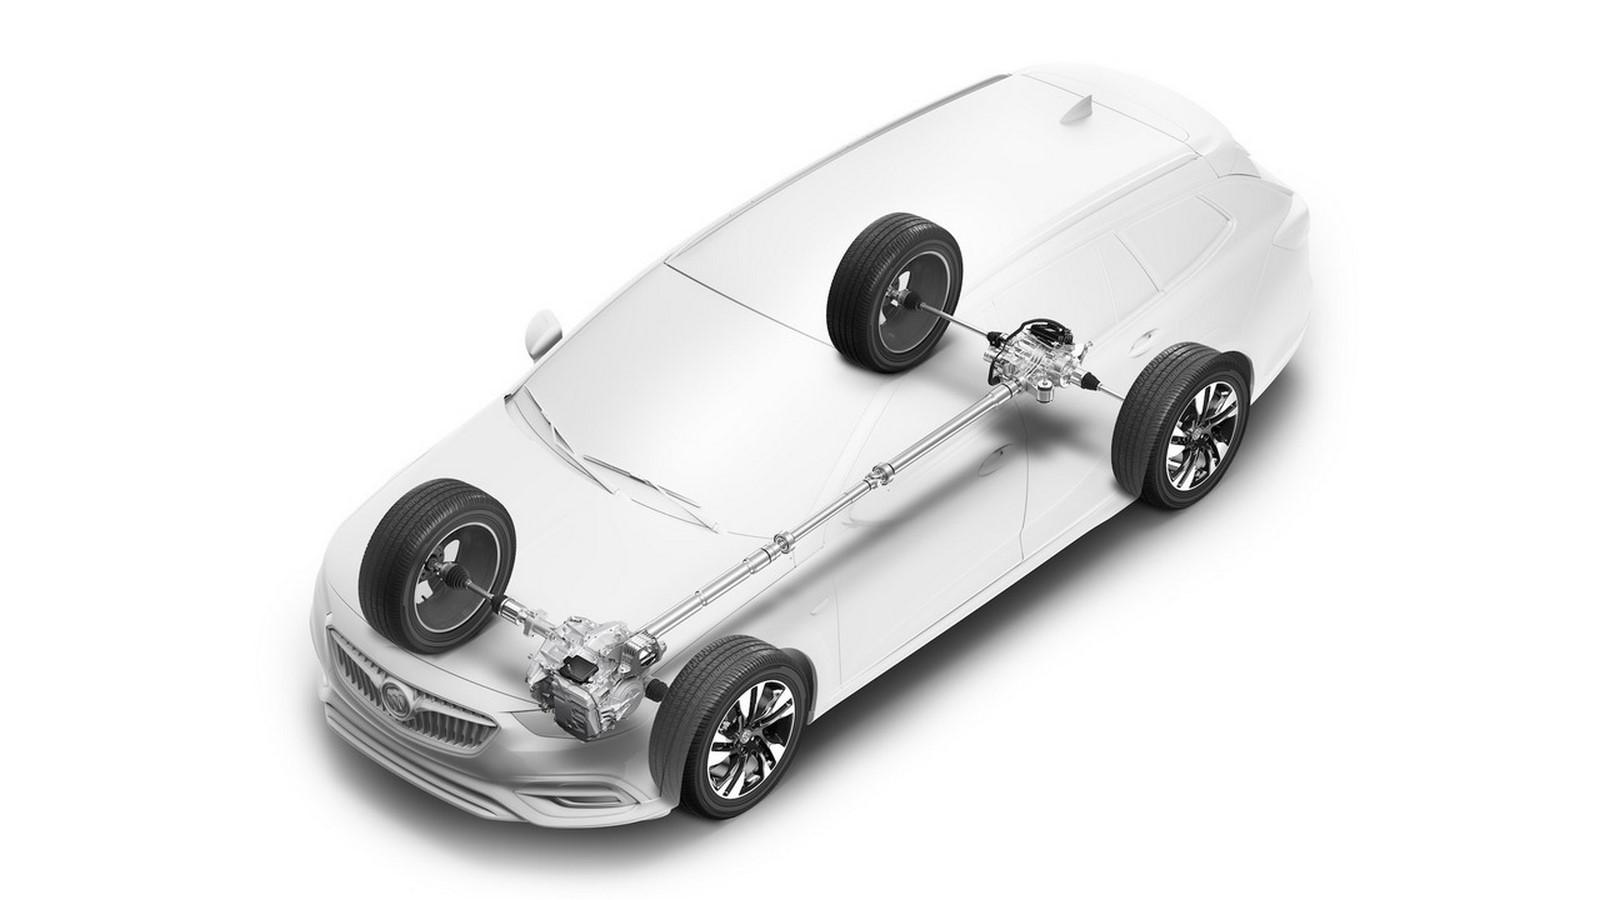 Buick Regal TourX-11